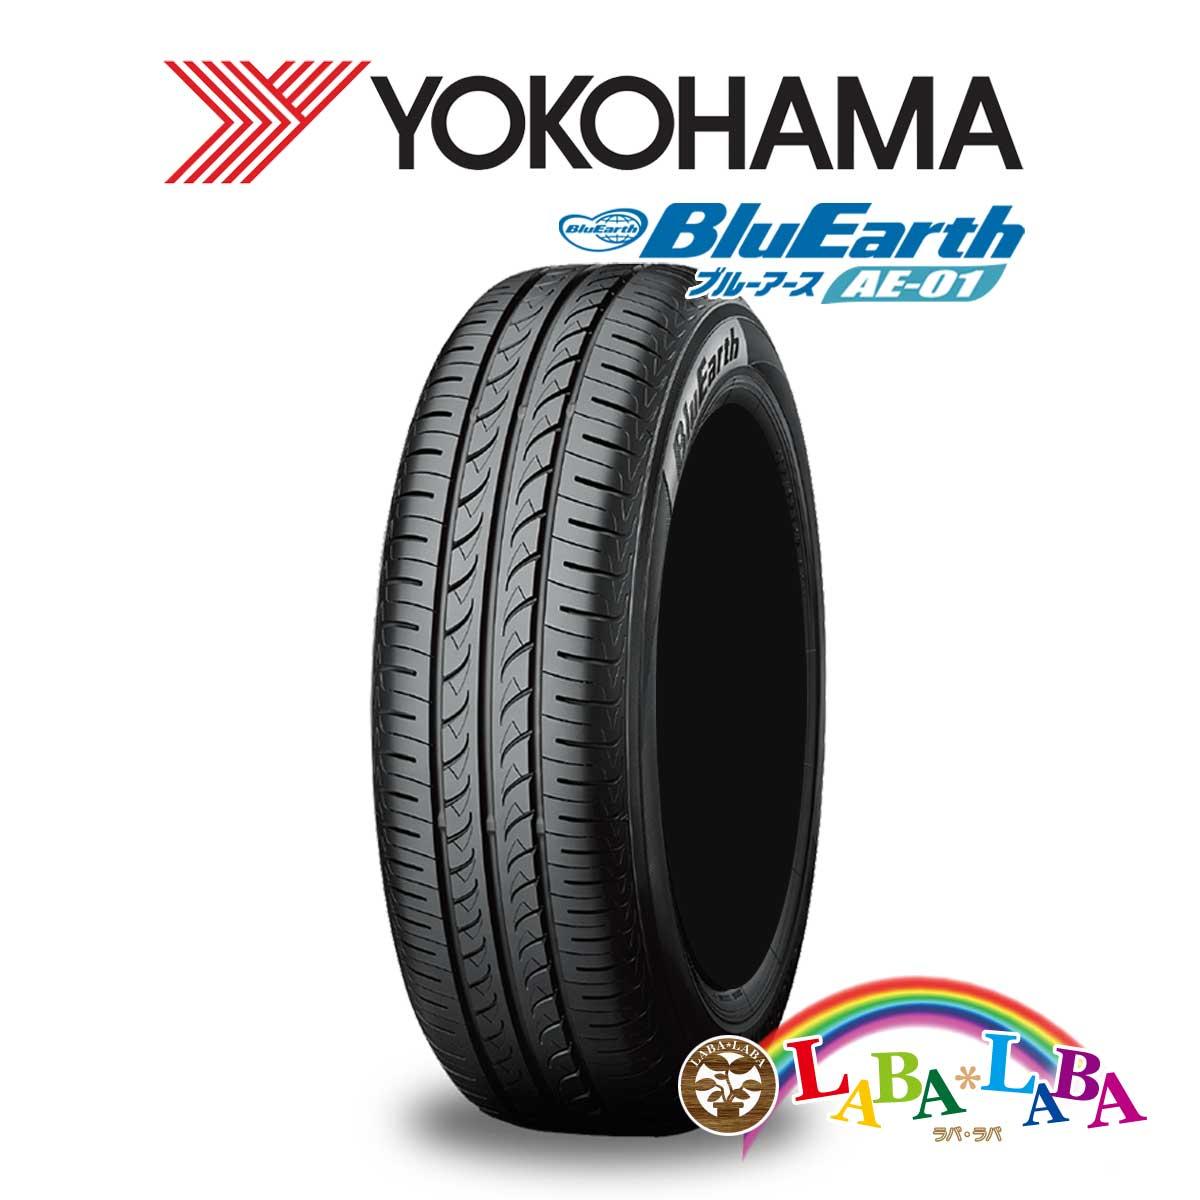 送料無料 国産タイヤ サマータイヤ 新品 タイヤのみ 4本SET YOKOHAMA ヨコハマ 授与 AE01 82V BluEarth 至上 4本セット 55R15 185 ブルーアース